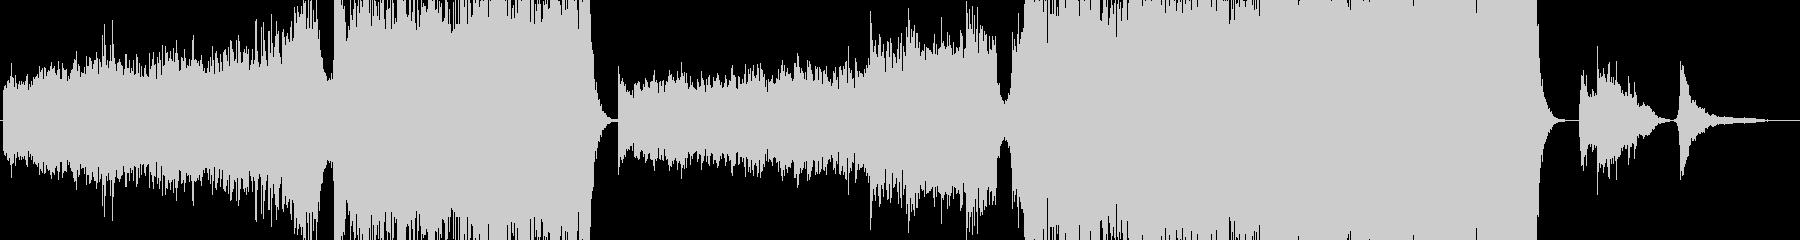 感動的かつ躍動的なシネマティックBGMの未再生の波形